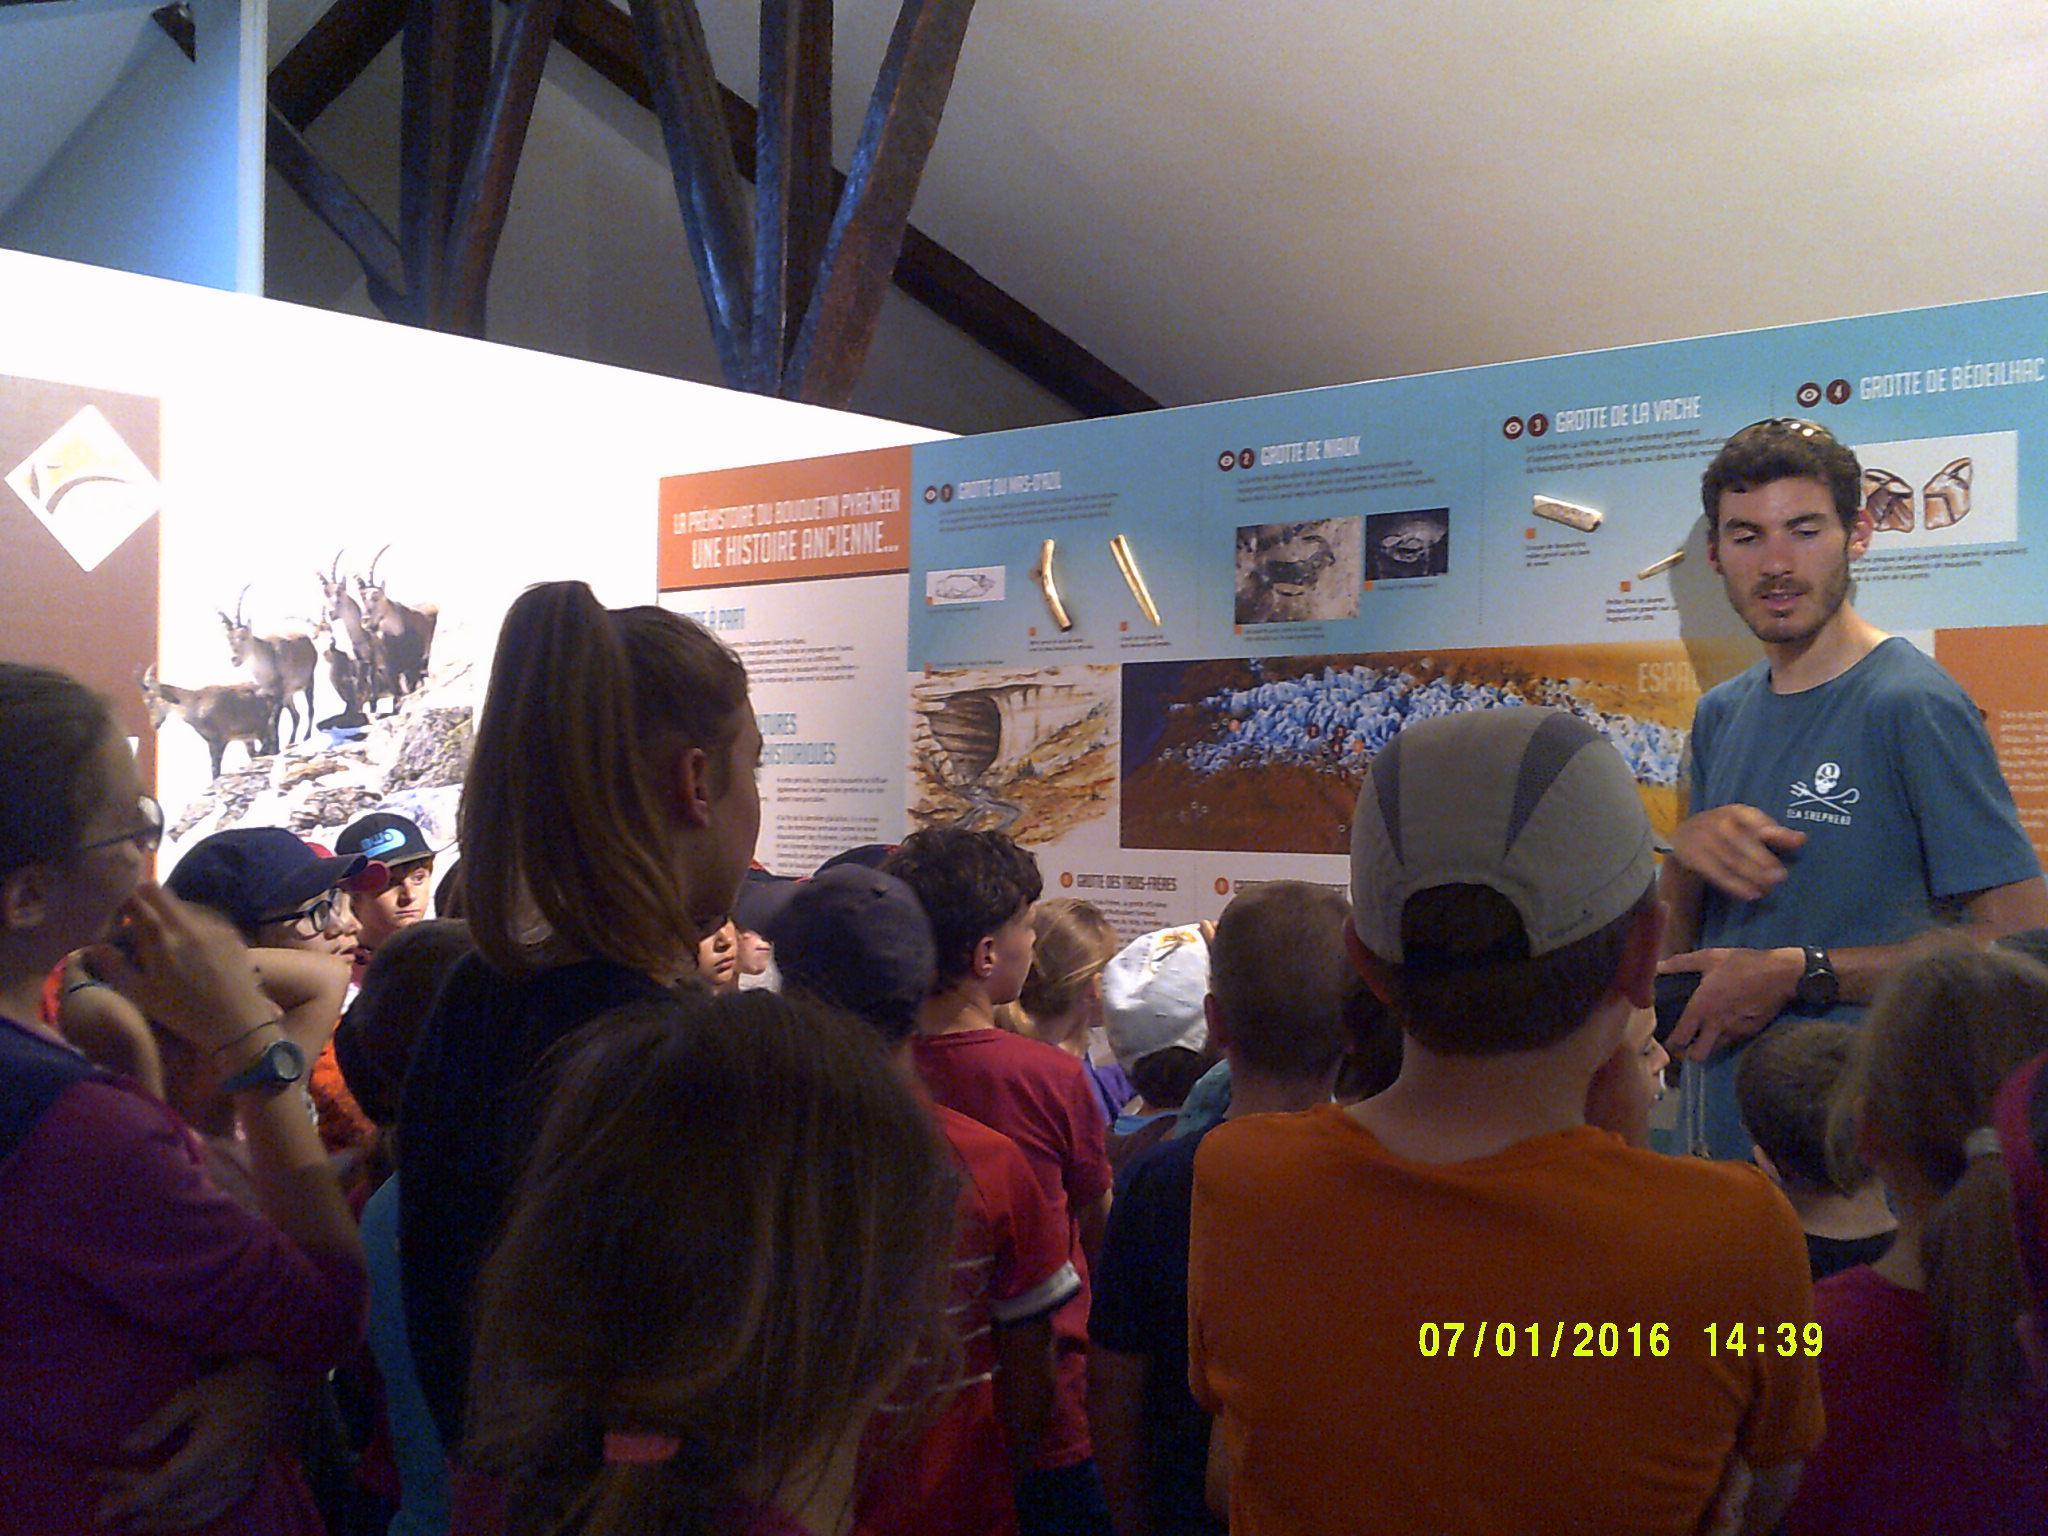 Les enfants visitent l'exposition au château de Seix.